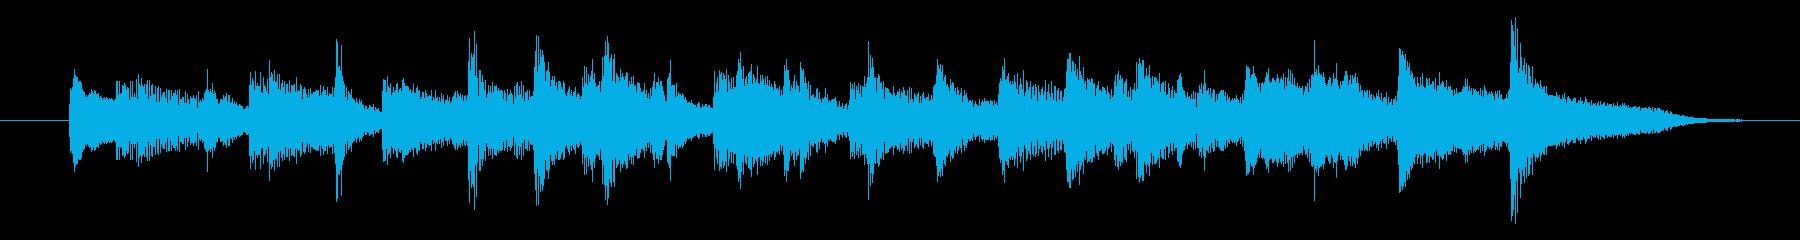 「クリスマス」イメージのジングルの再生済みの波形